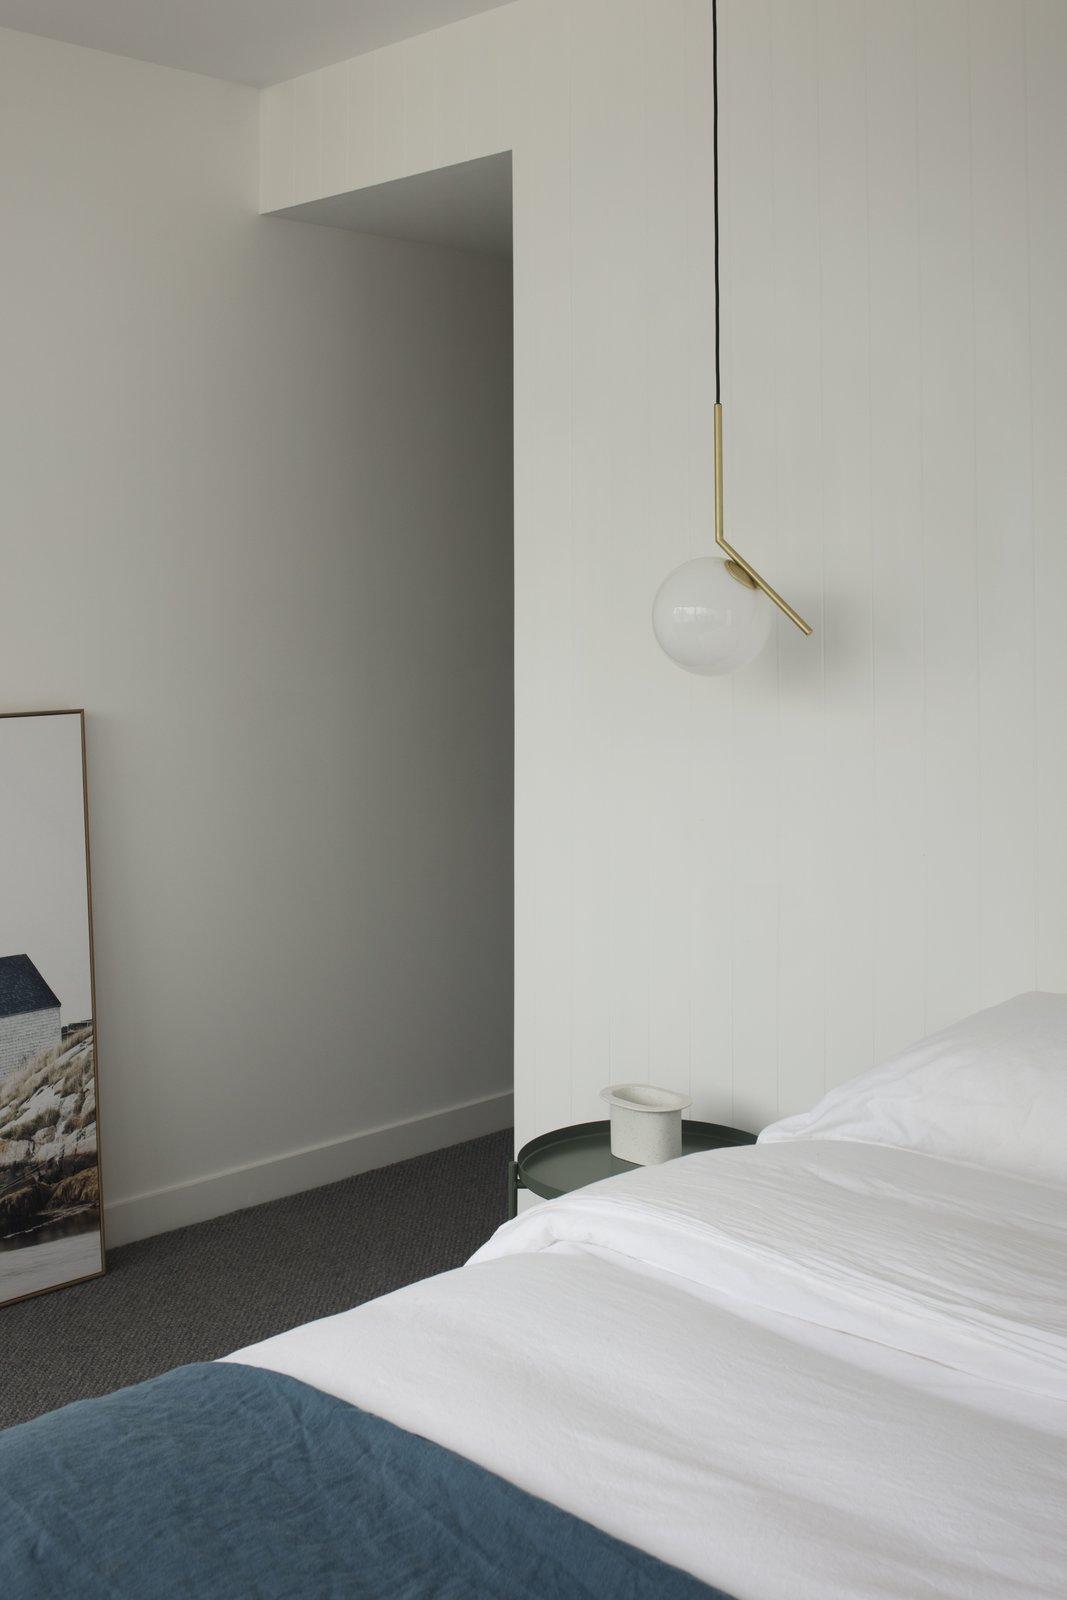 Bedroom, Bed, Carpet Floor, and Pendant Lighting  Photos from Warraweena